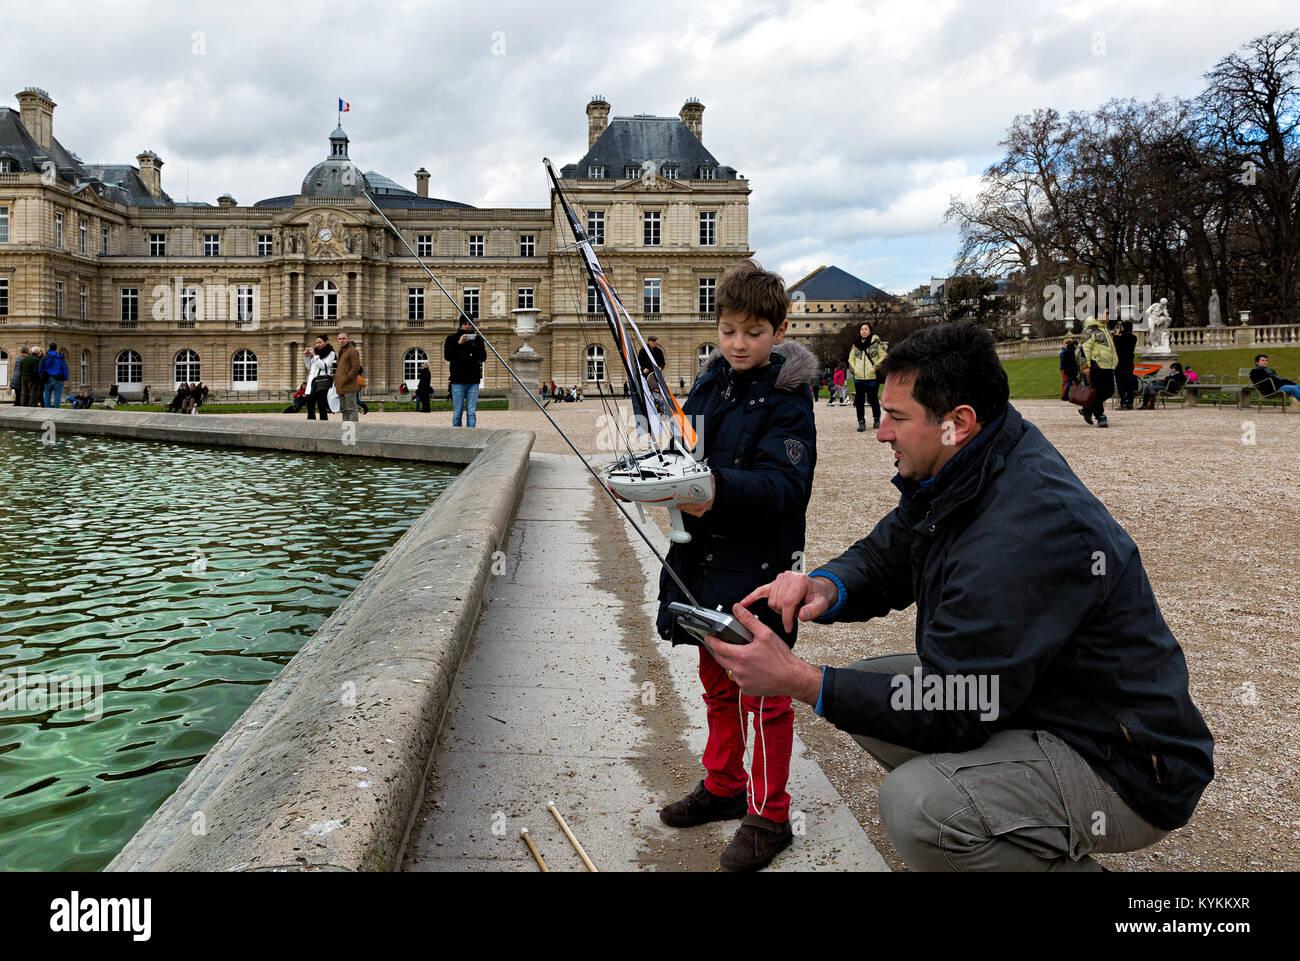 Paris France Nov 4 2014 Un Enfant Apprend A Faire De La